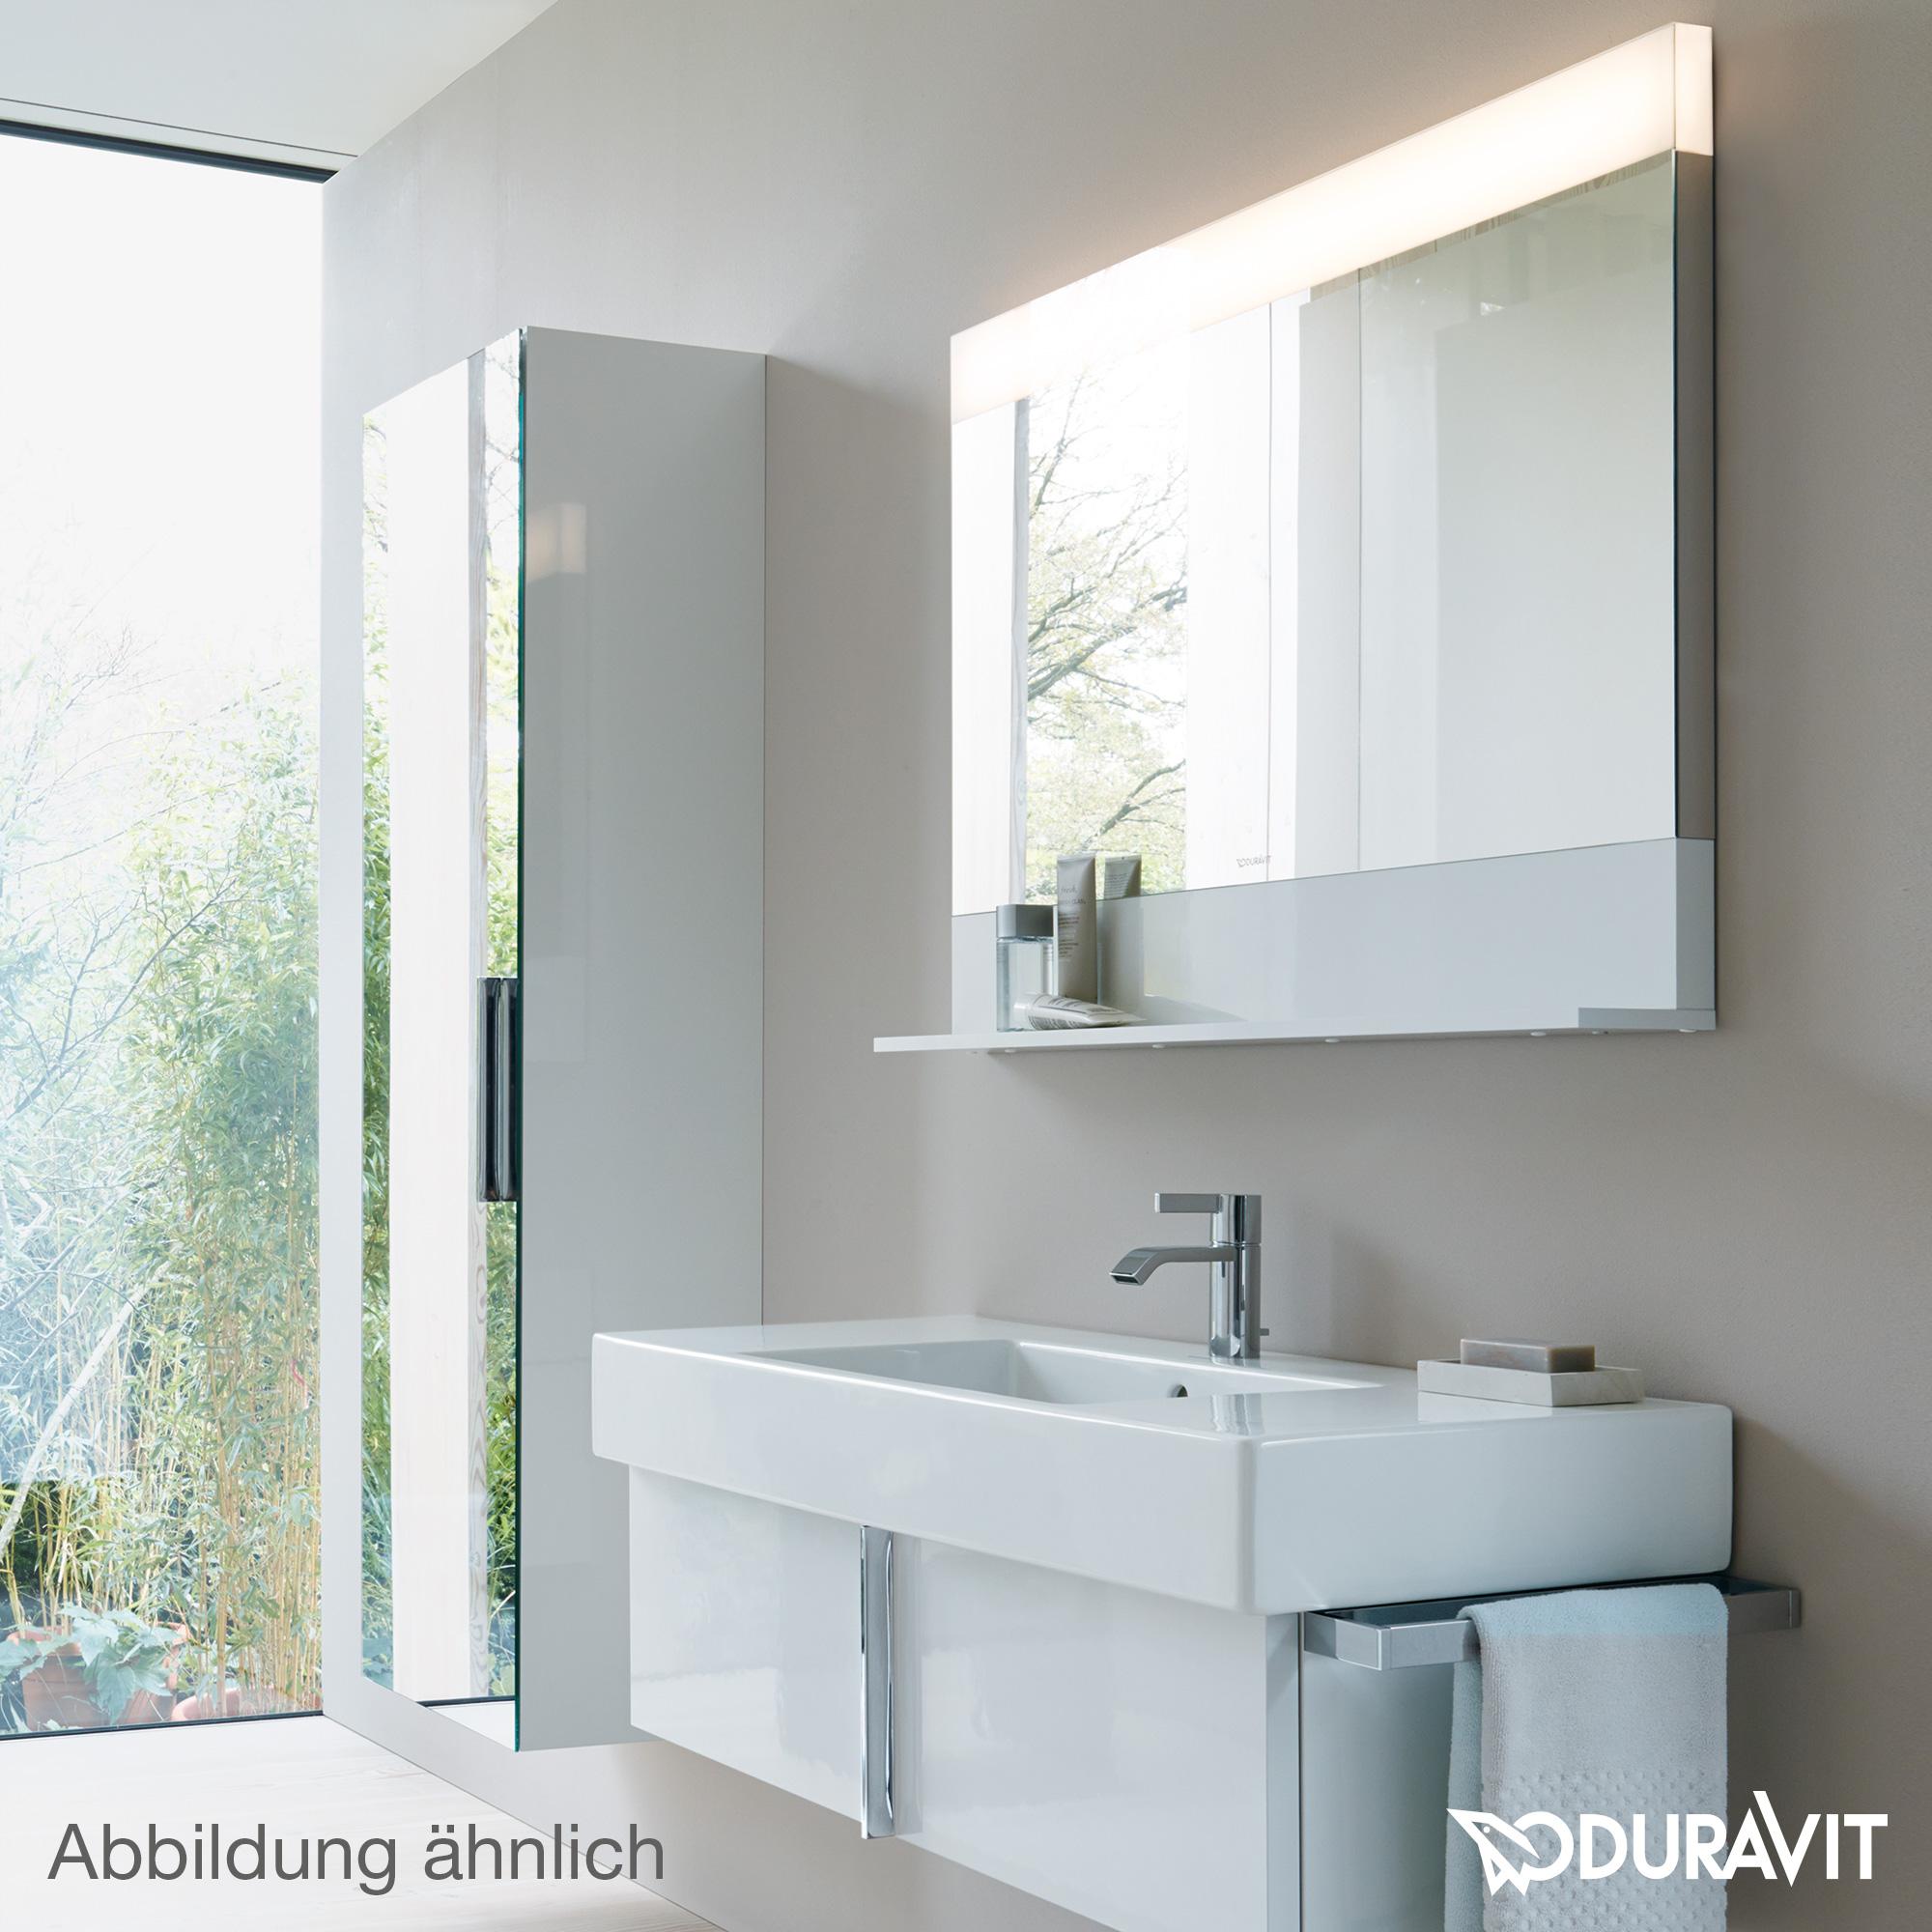 duravit-vero-spiegel-mit-led-beleuchtung-ablageflaeche-unten-b-45-h-80-t-4-cm-kastanie-dunkel--dur-ve610505353_1 Stilvolle Badspiegel Mit Steckdose Und Beleuchtung Dekorationen